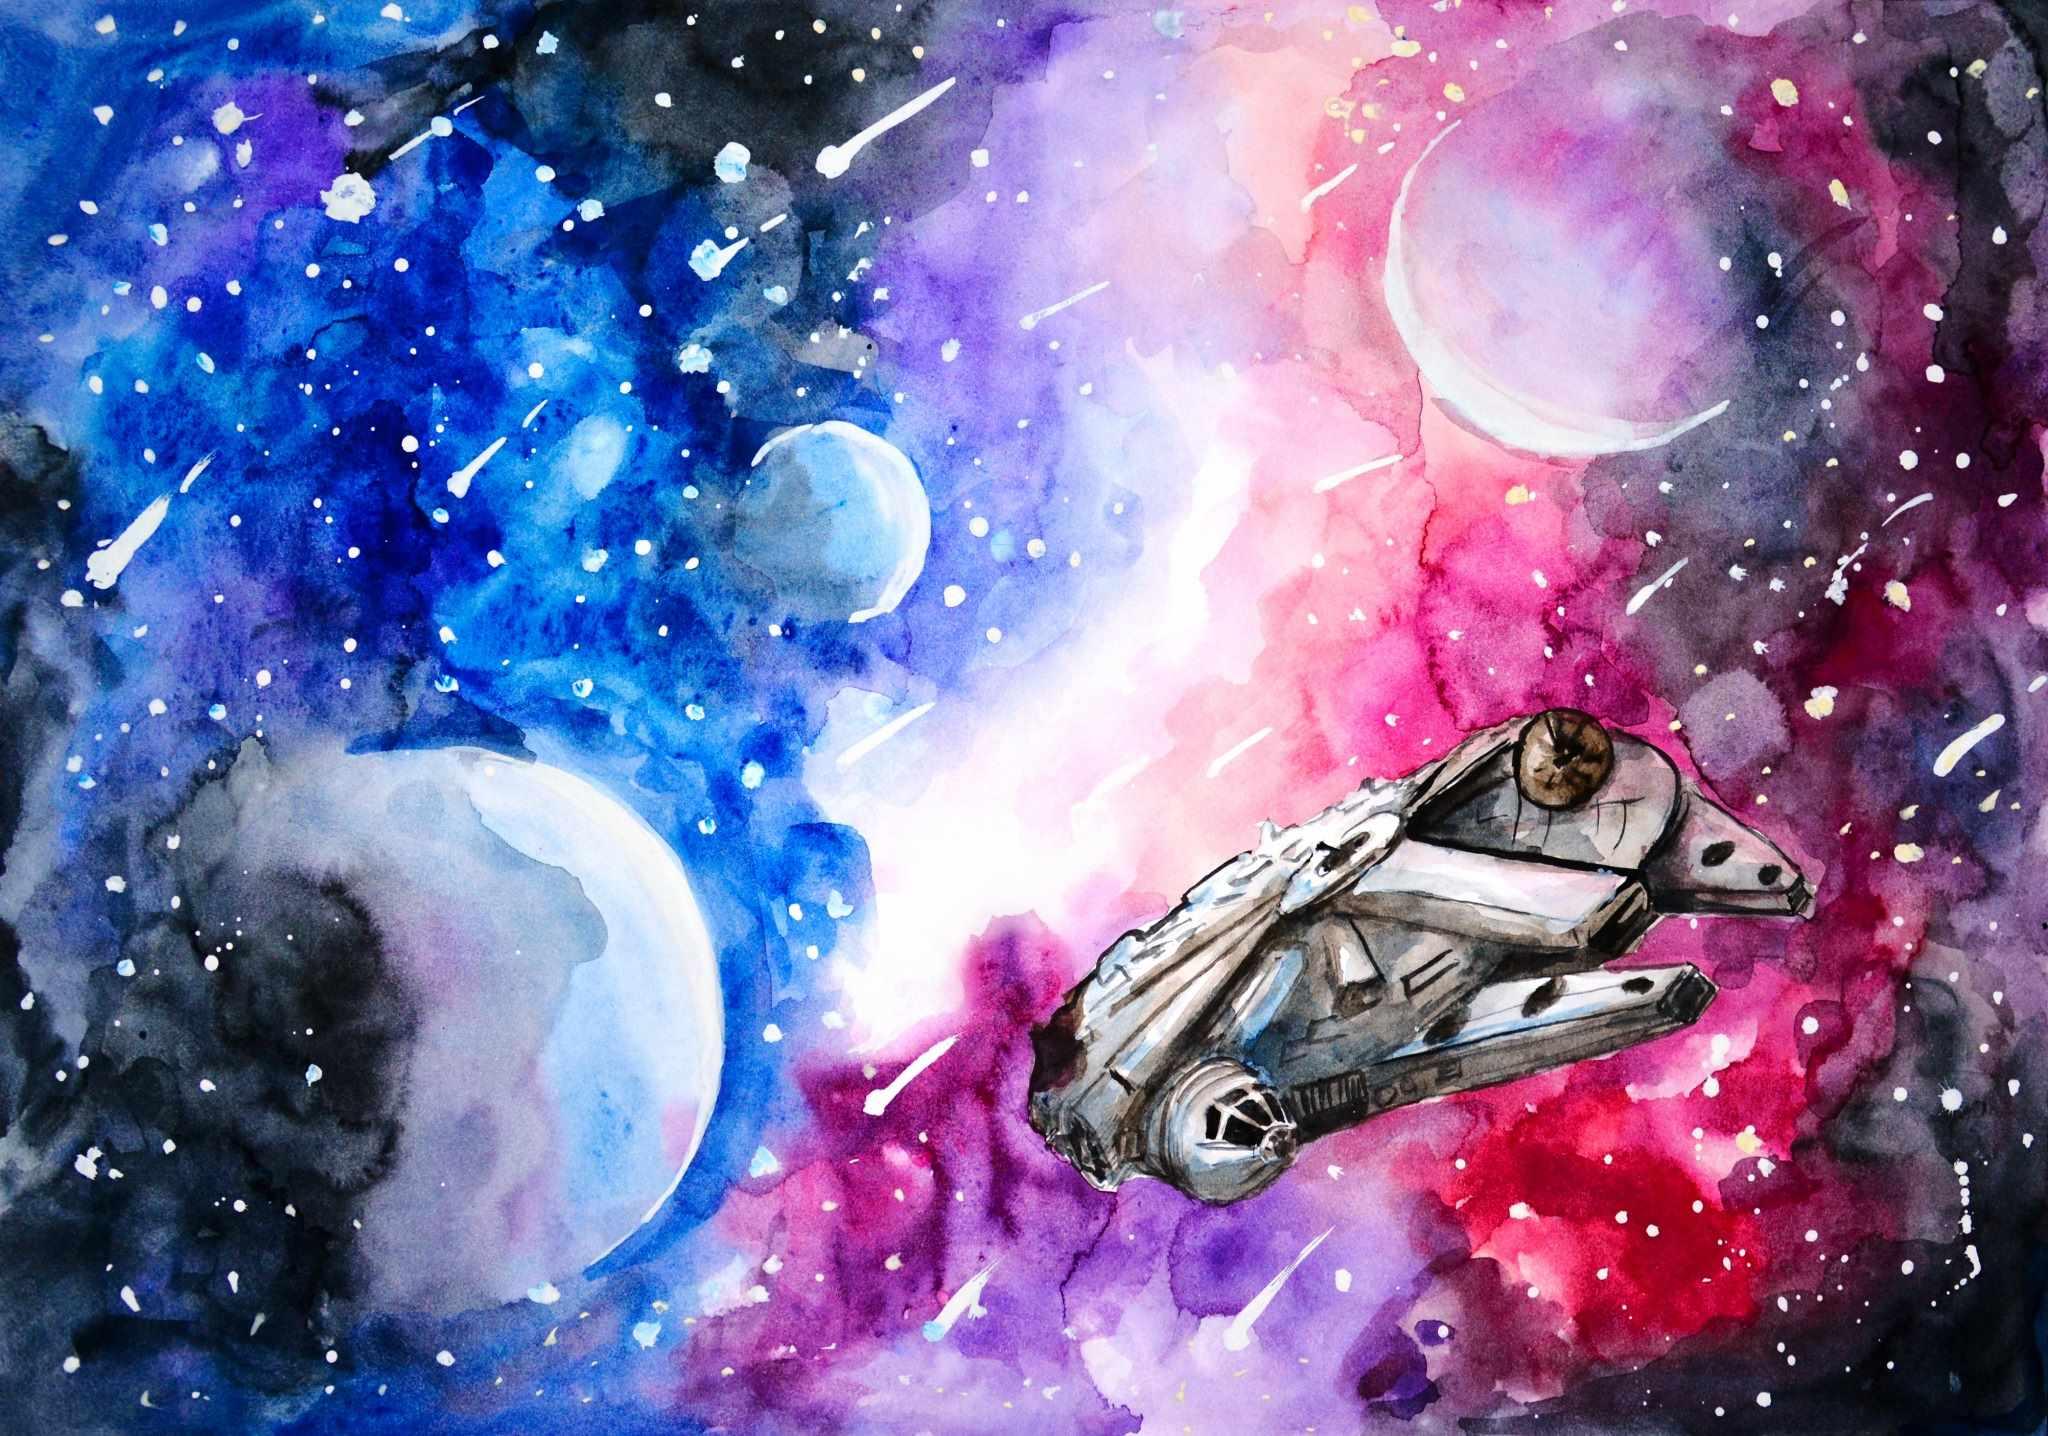 Скачать картинки космоса красивые для срисовки 05